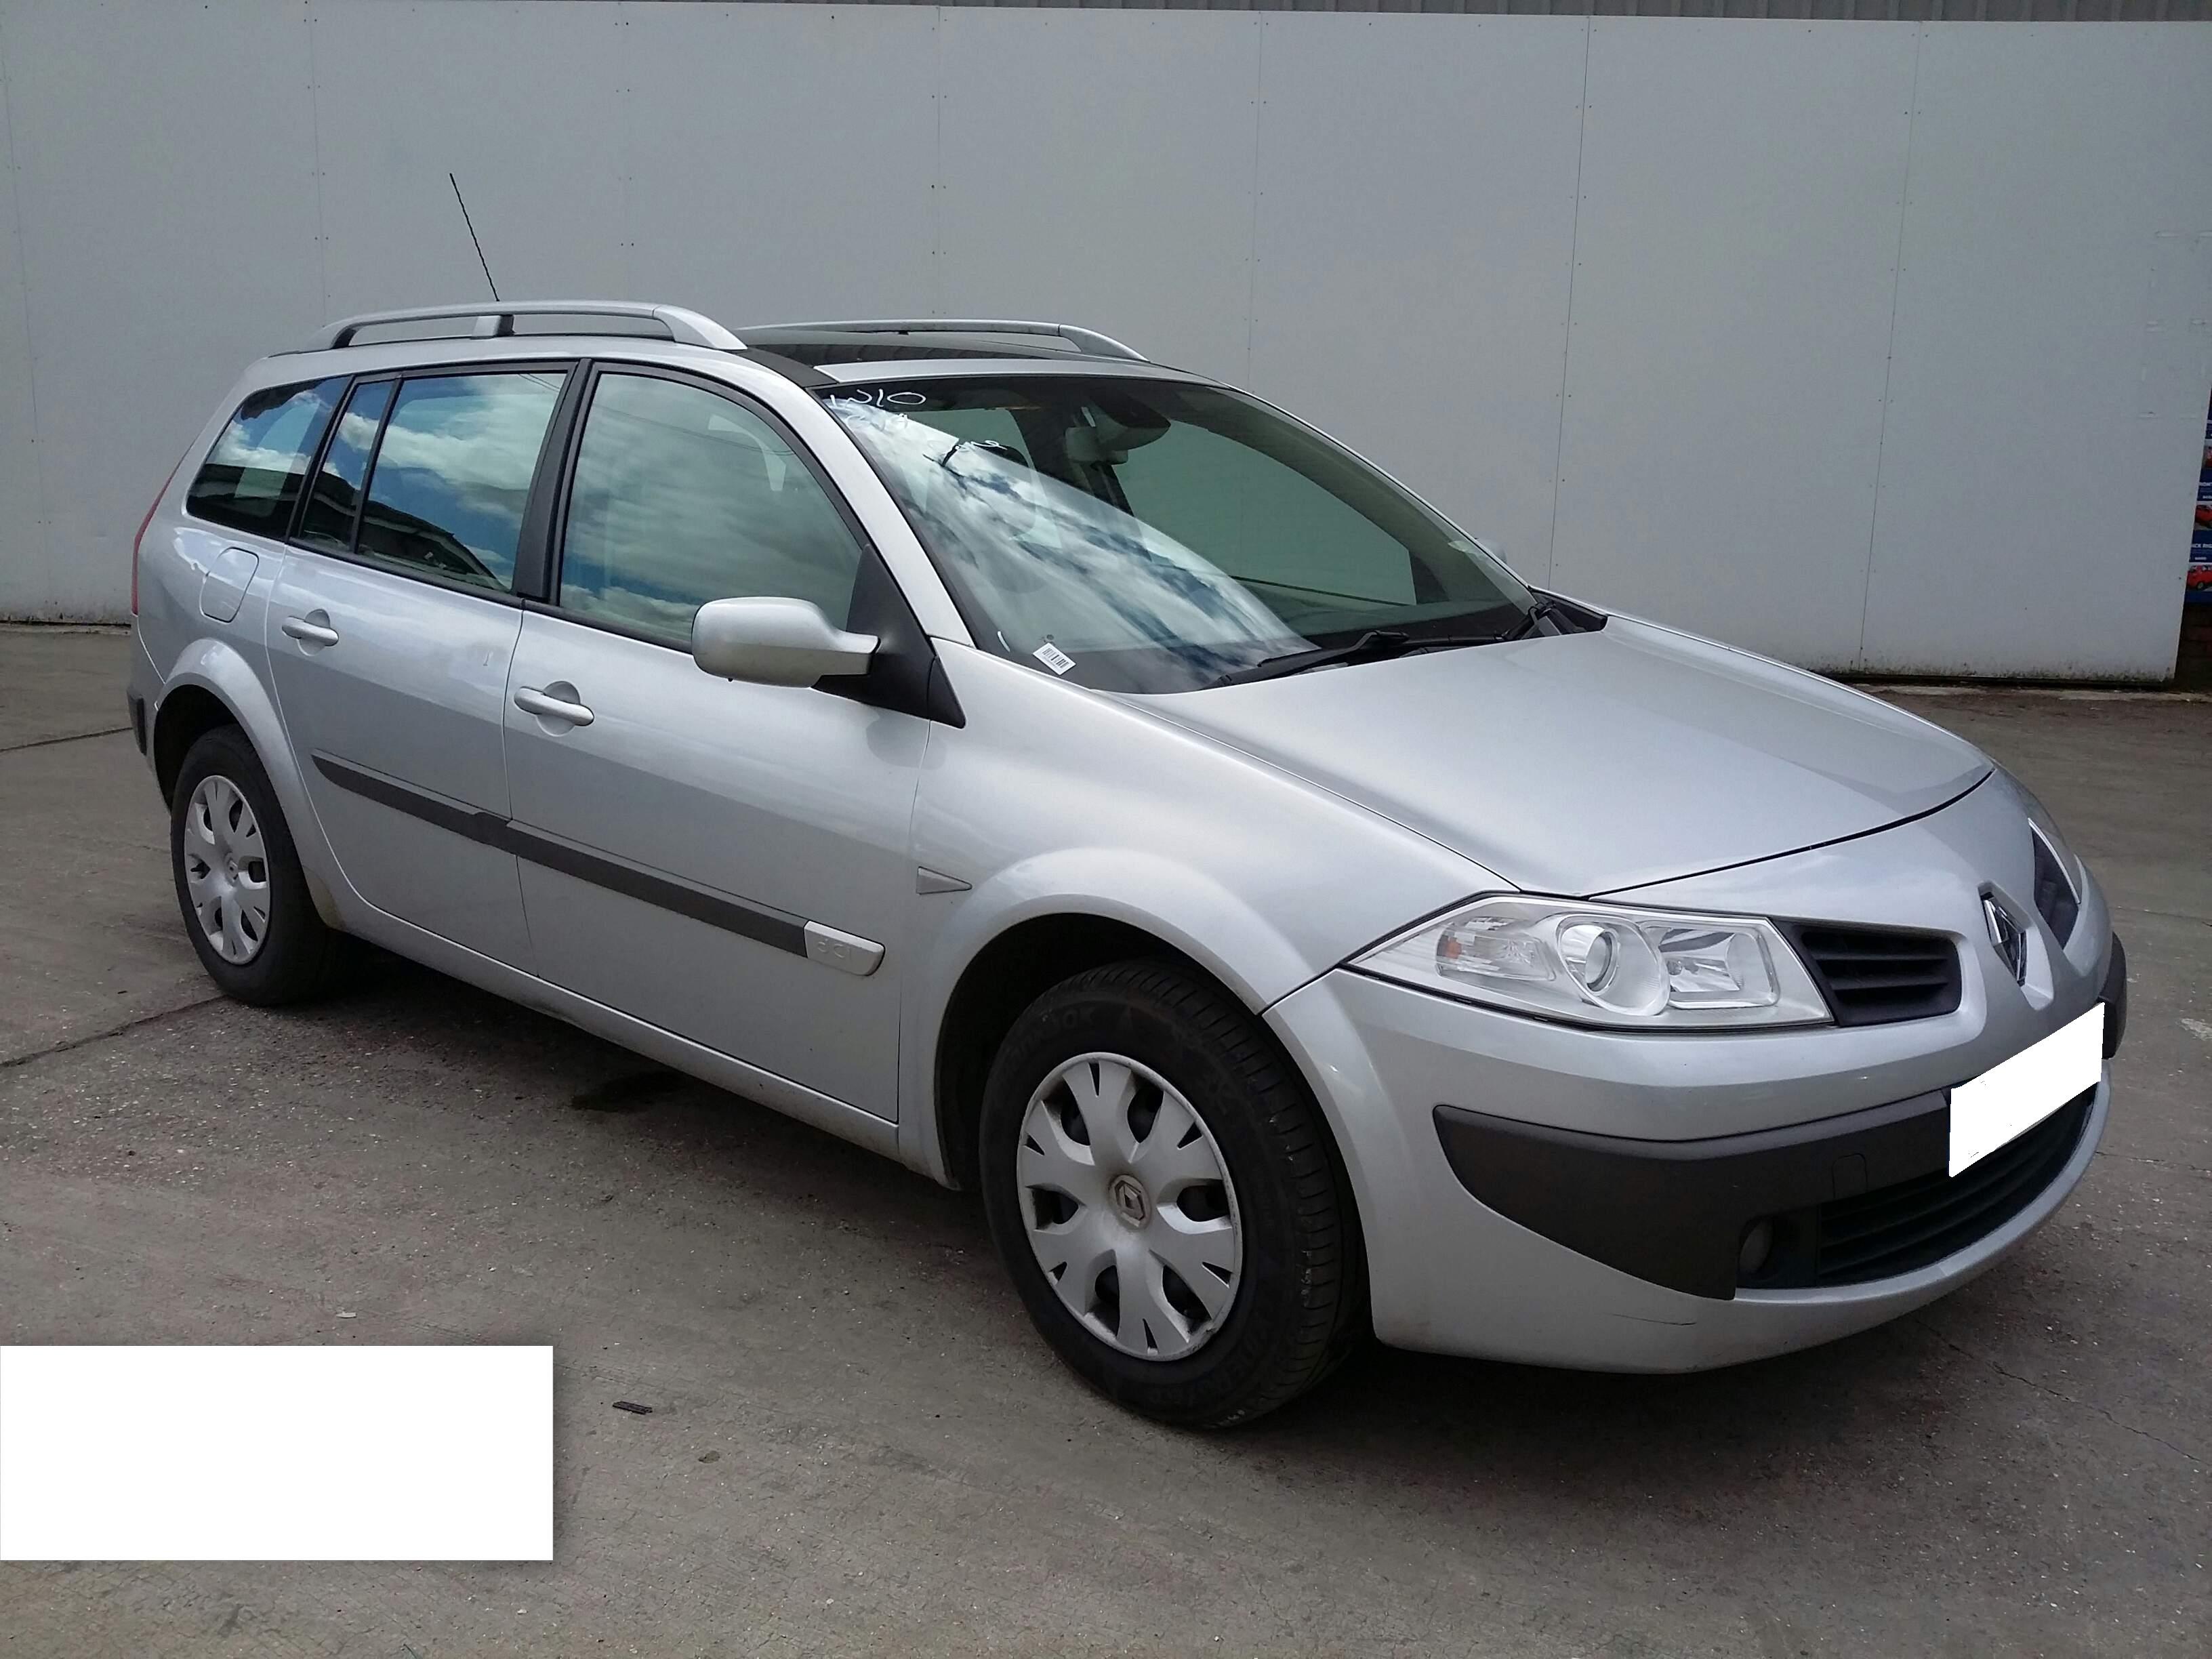 Renault Megane SOLD